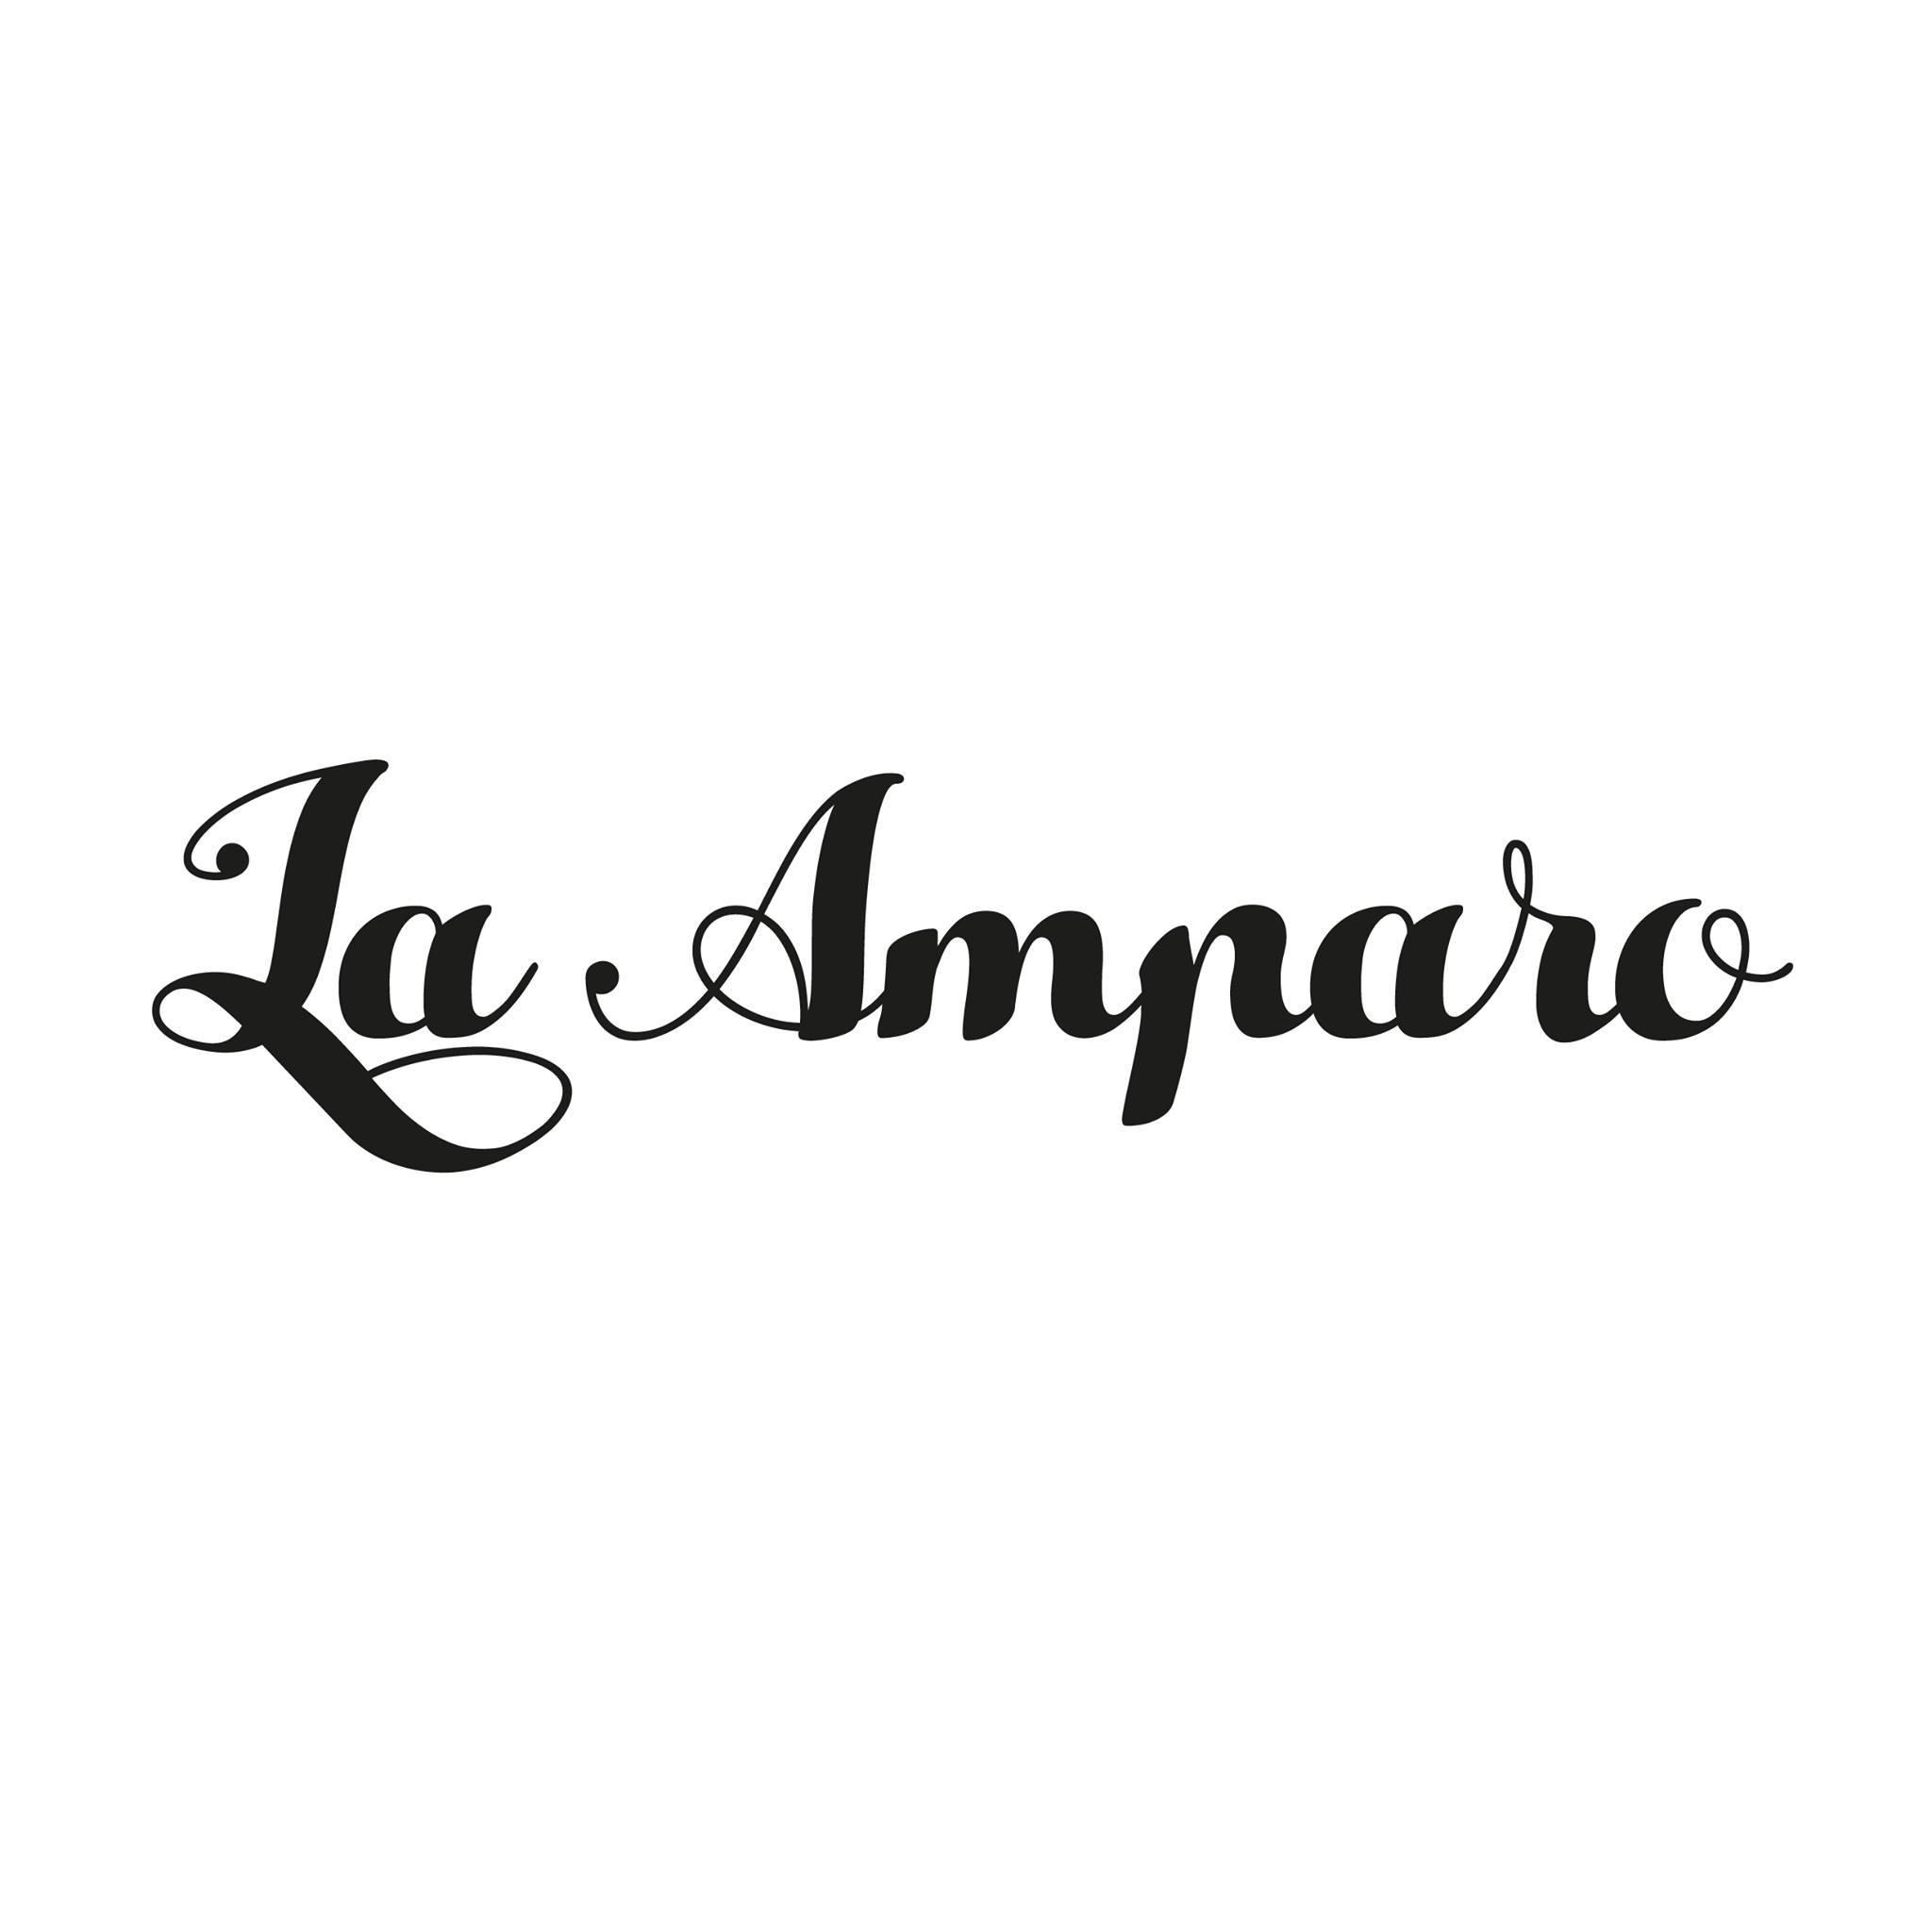 La Amparo - Tiendas de regalos trendy low cost